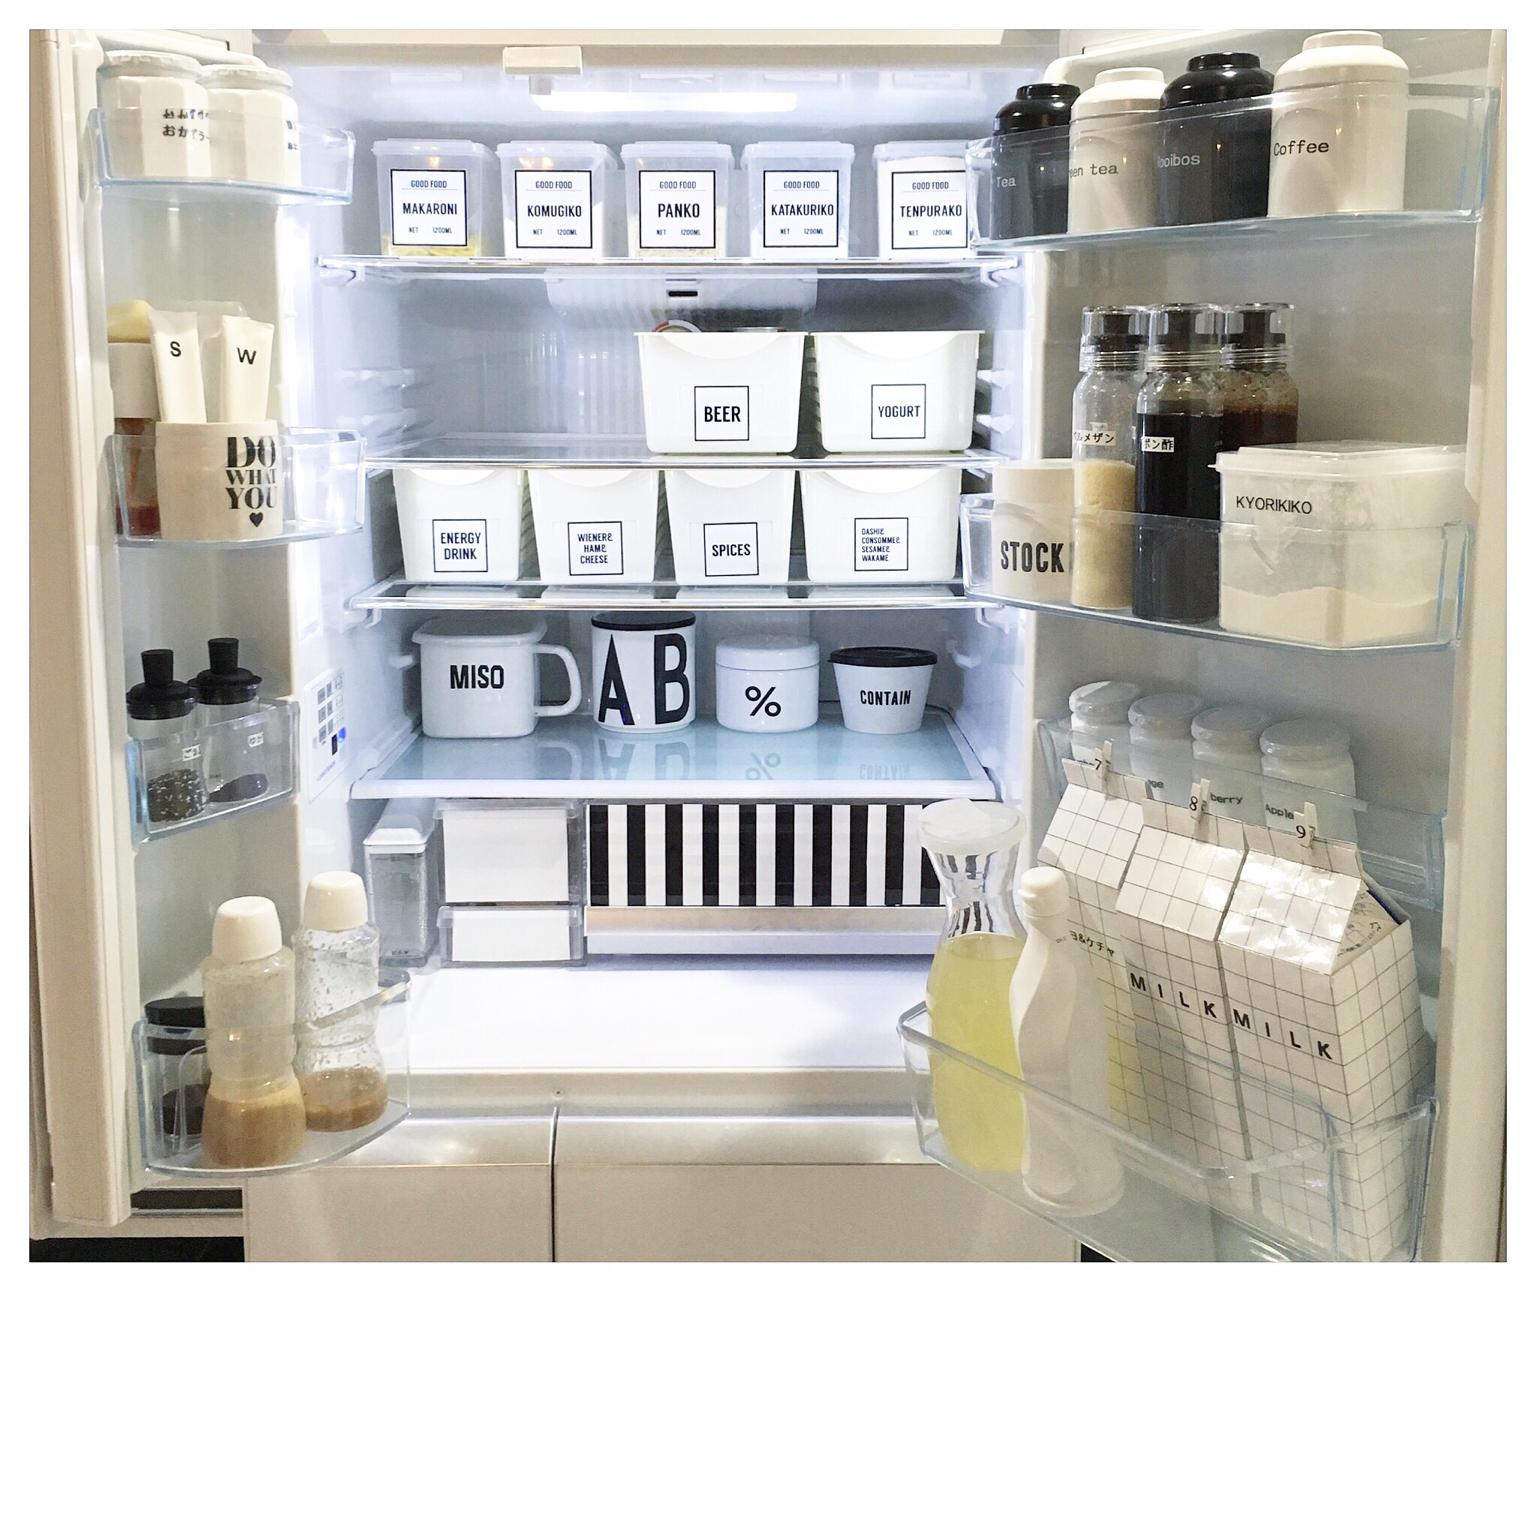 冷蔵庫の省エネ収納10のコツ | RoomClip mag | 暮らしとインテリアのwebマガジン